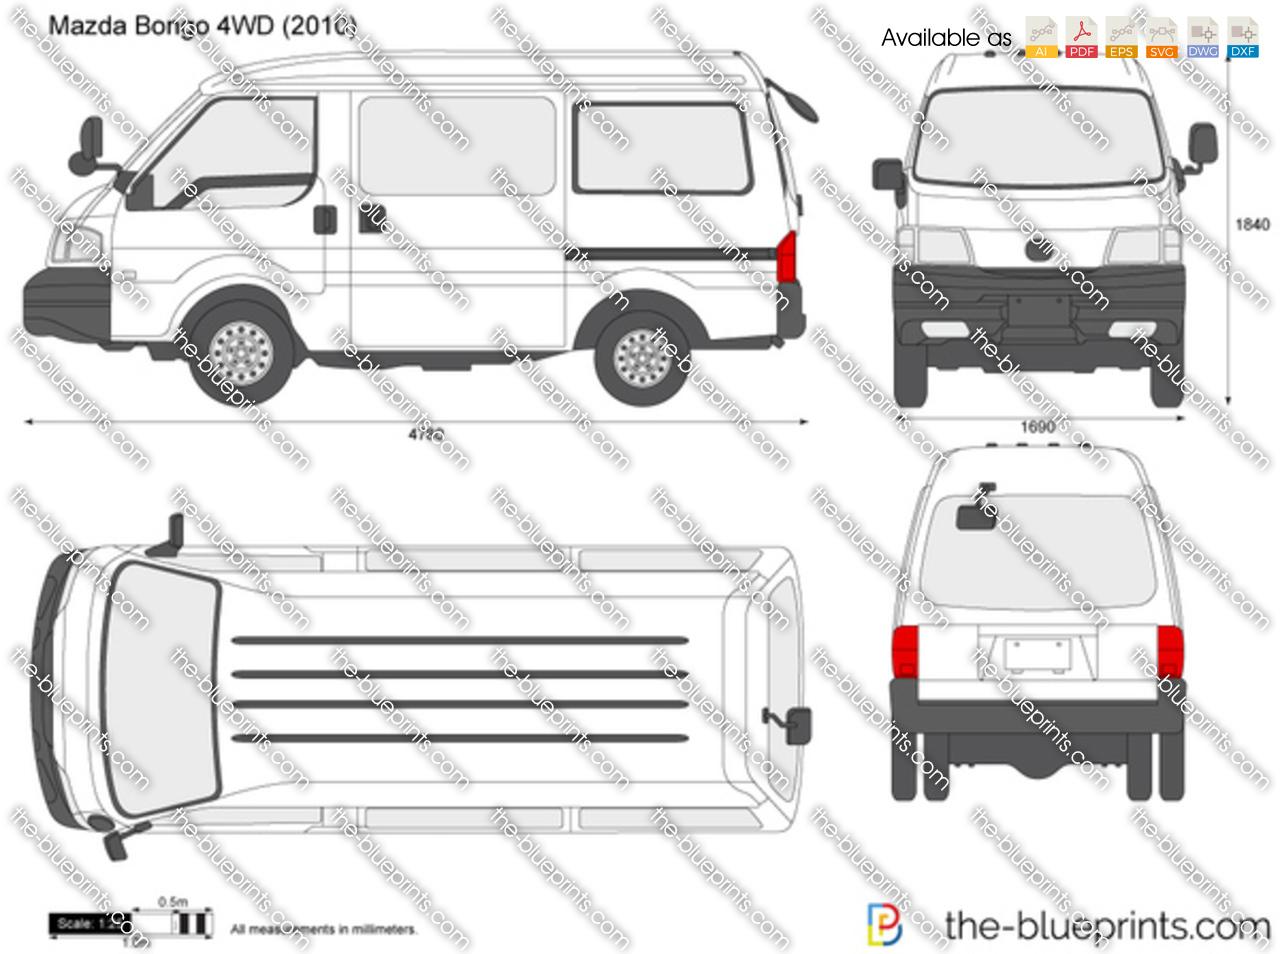 Mazda Bongo 4WD 2014